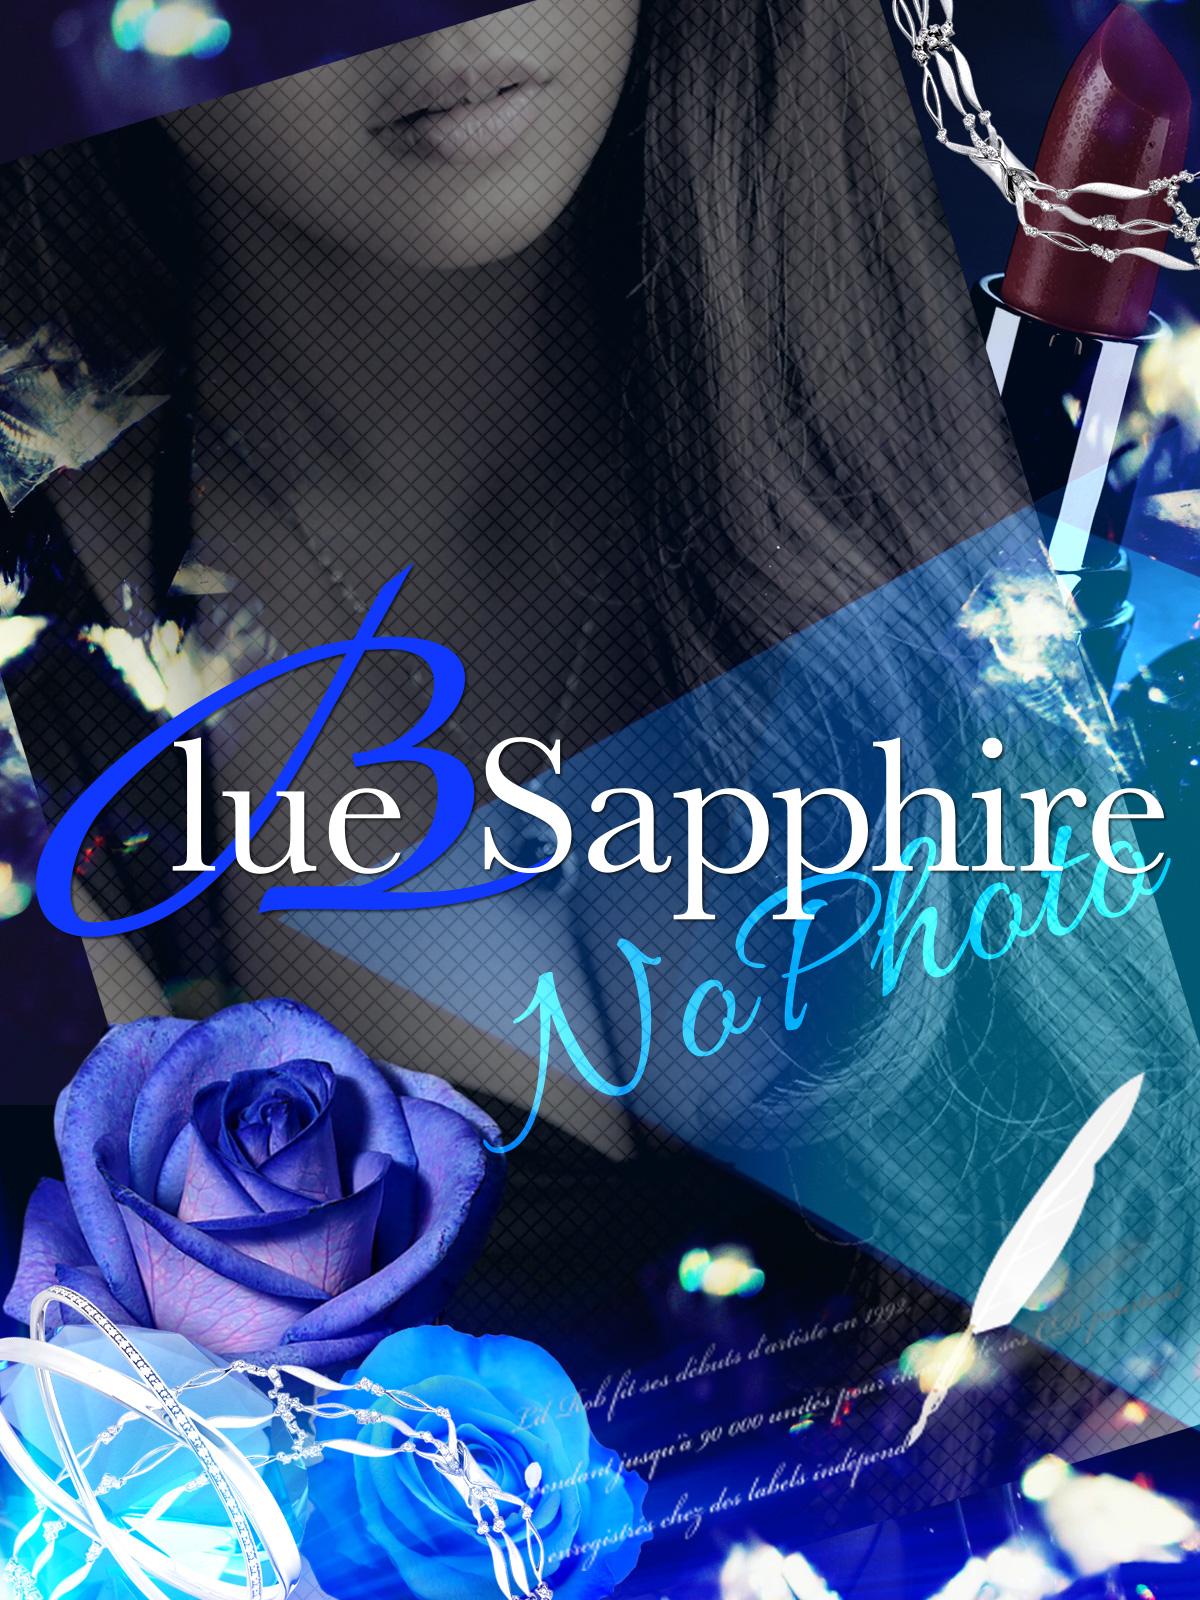 広島デリヘル風俗 BlueSapphire(ブルーサファイア):プロフィール「No.3 ありす」の画像2